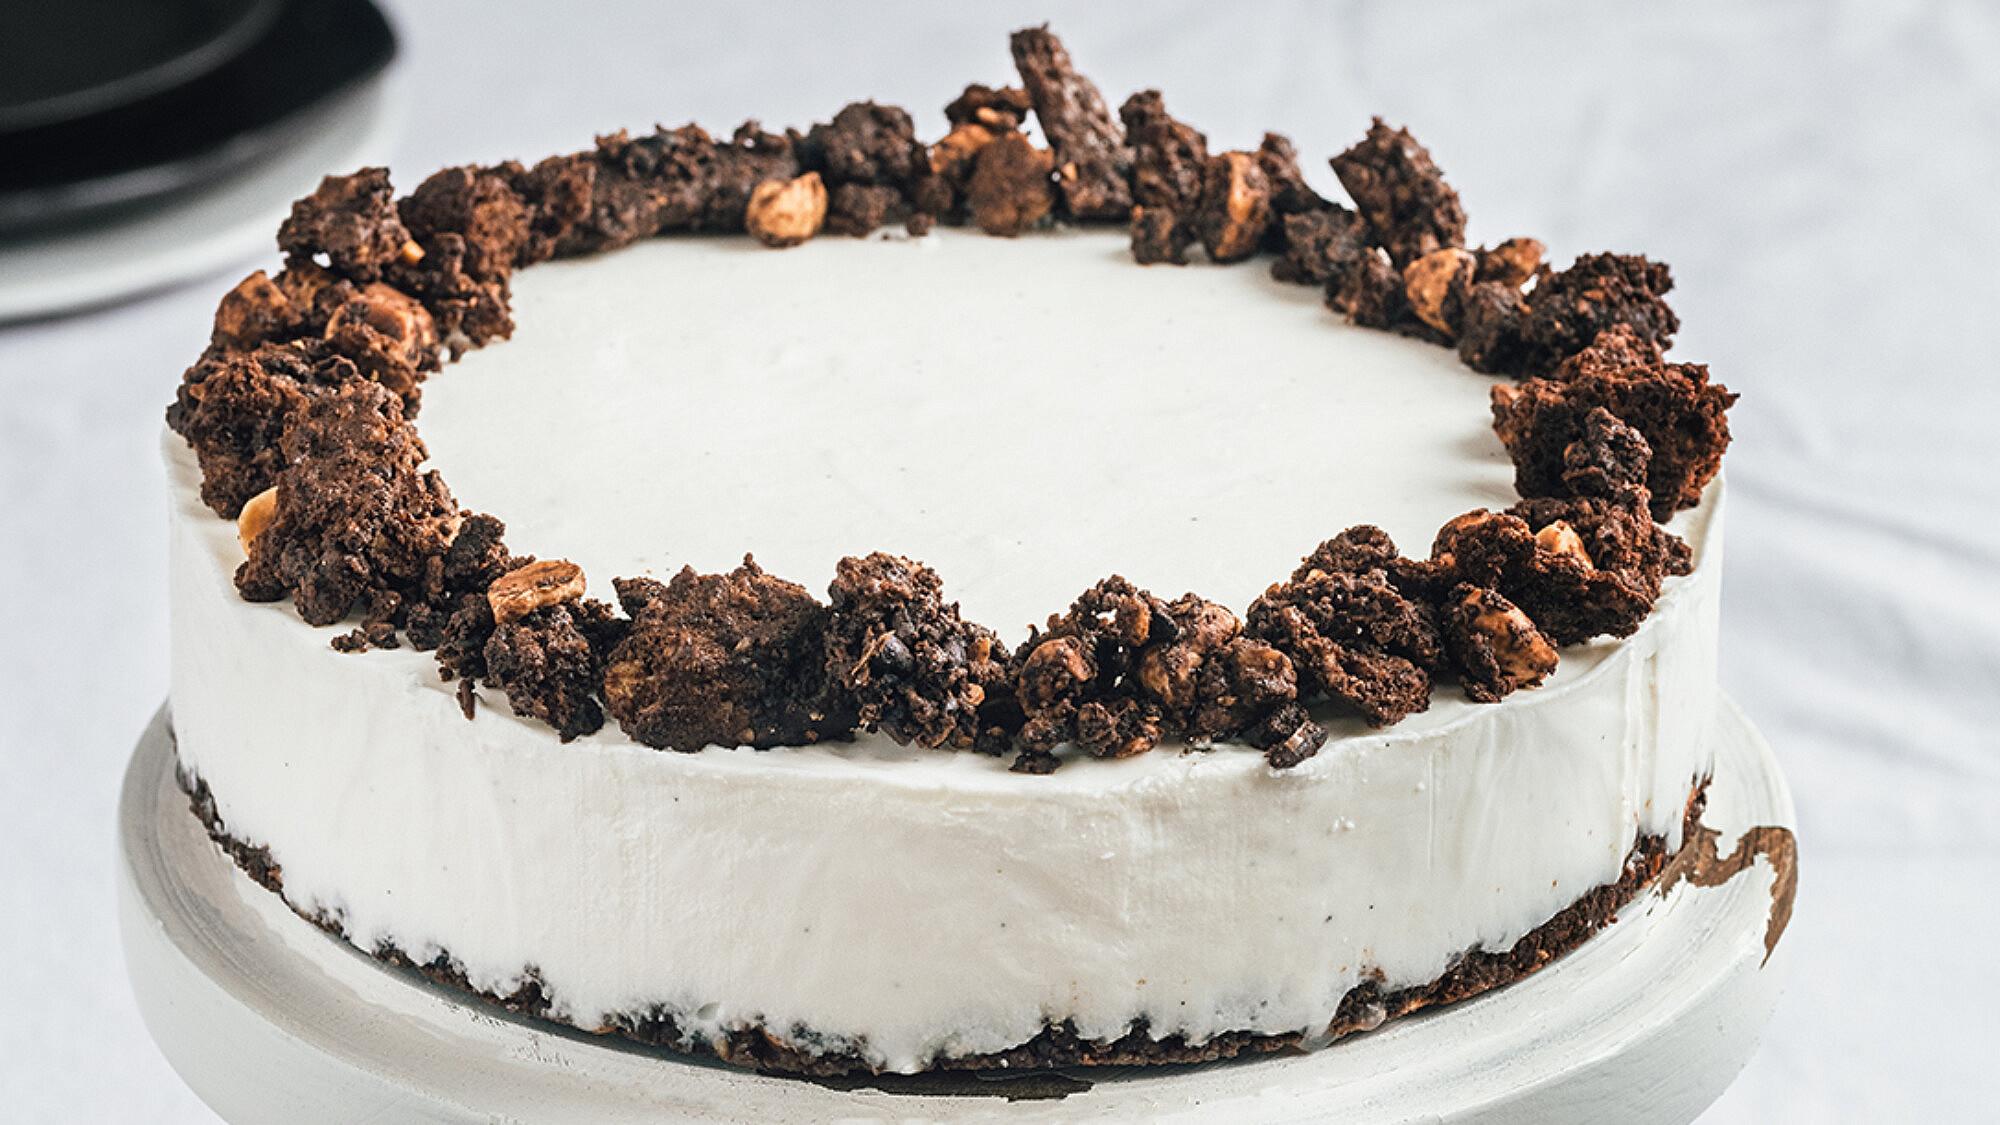 עוגת גבינה פירורים שוקולדית של רינת צדוק | צילום: נועם פריסמן, סטיילינג: ענת לבל, כלים: דניאלה ארד